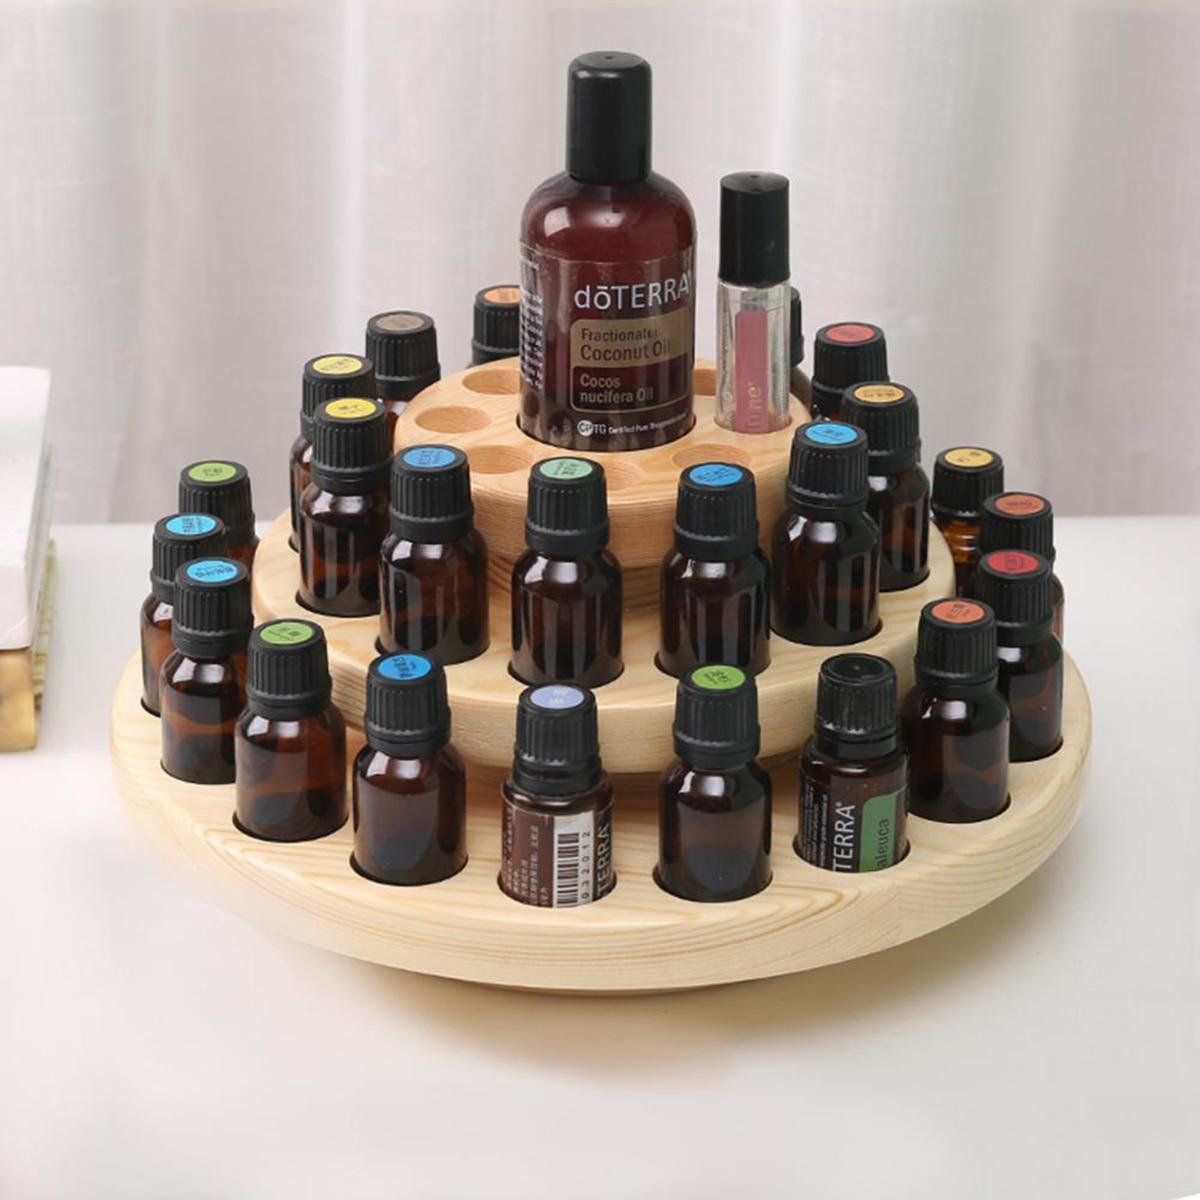 صندوق خشبي للزيوت الأساسية 39 شبكات الروائح صندوق تخزين النفط تدوير عرض حامل لسطح المكتب تخزين الرف